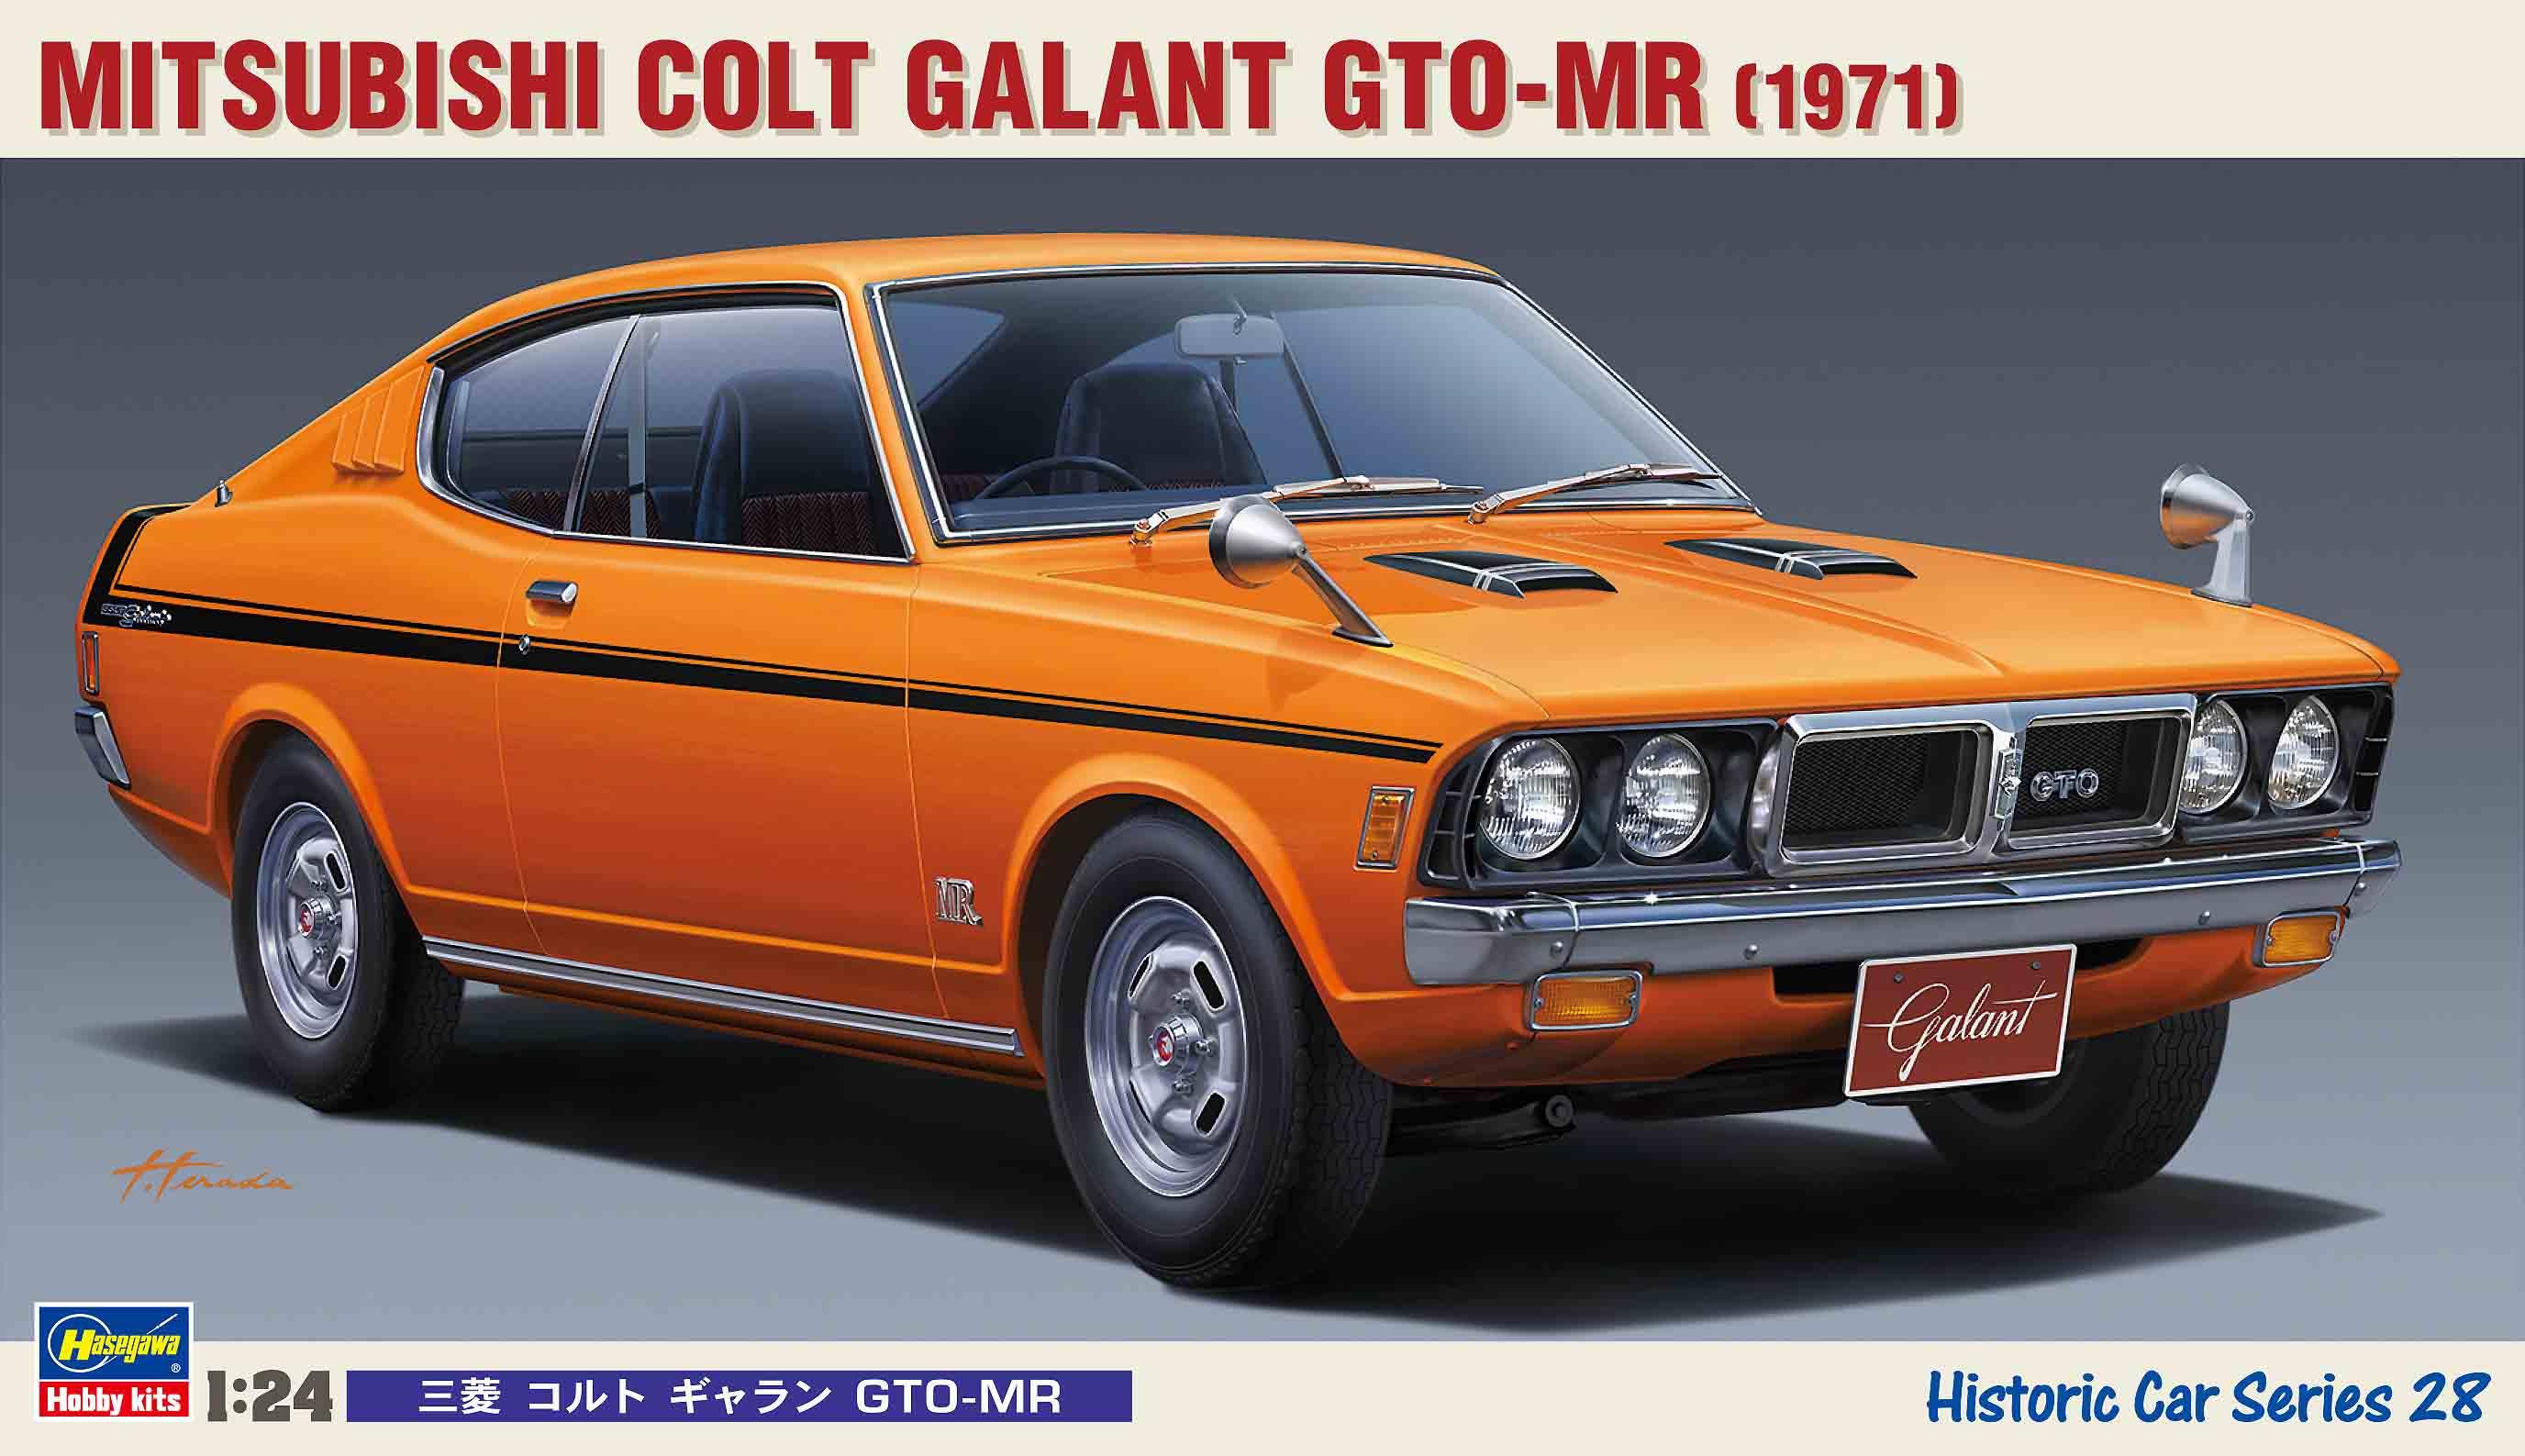 Hasegawa Mitsubishi Colt Galant Gto-Mr